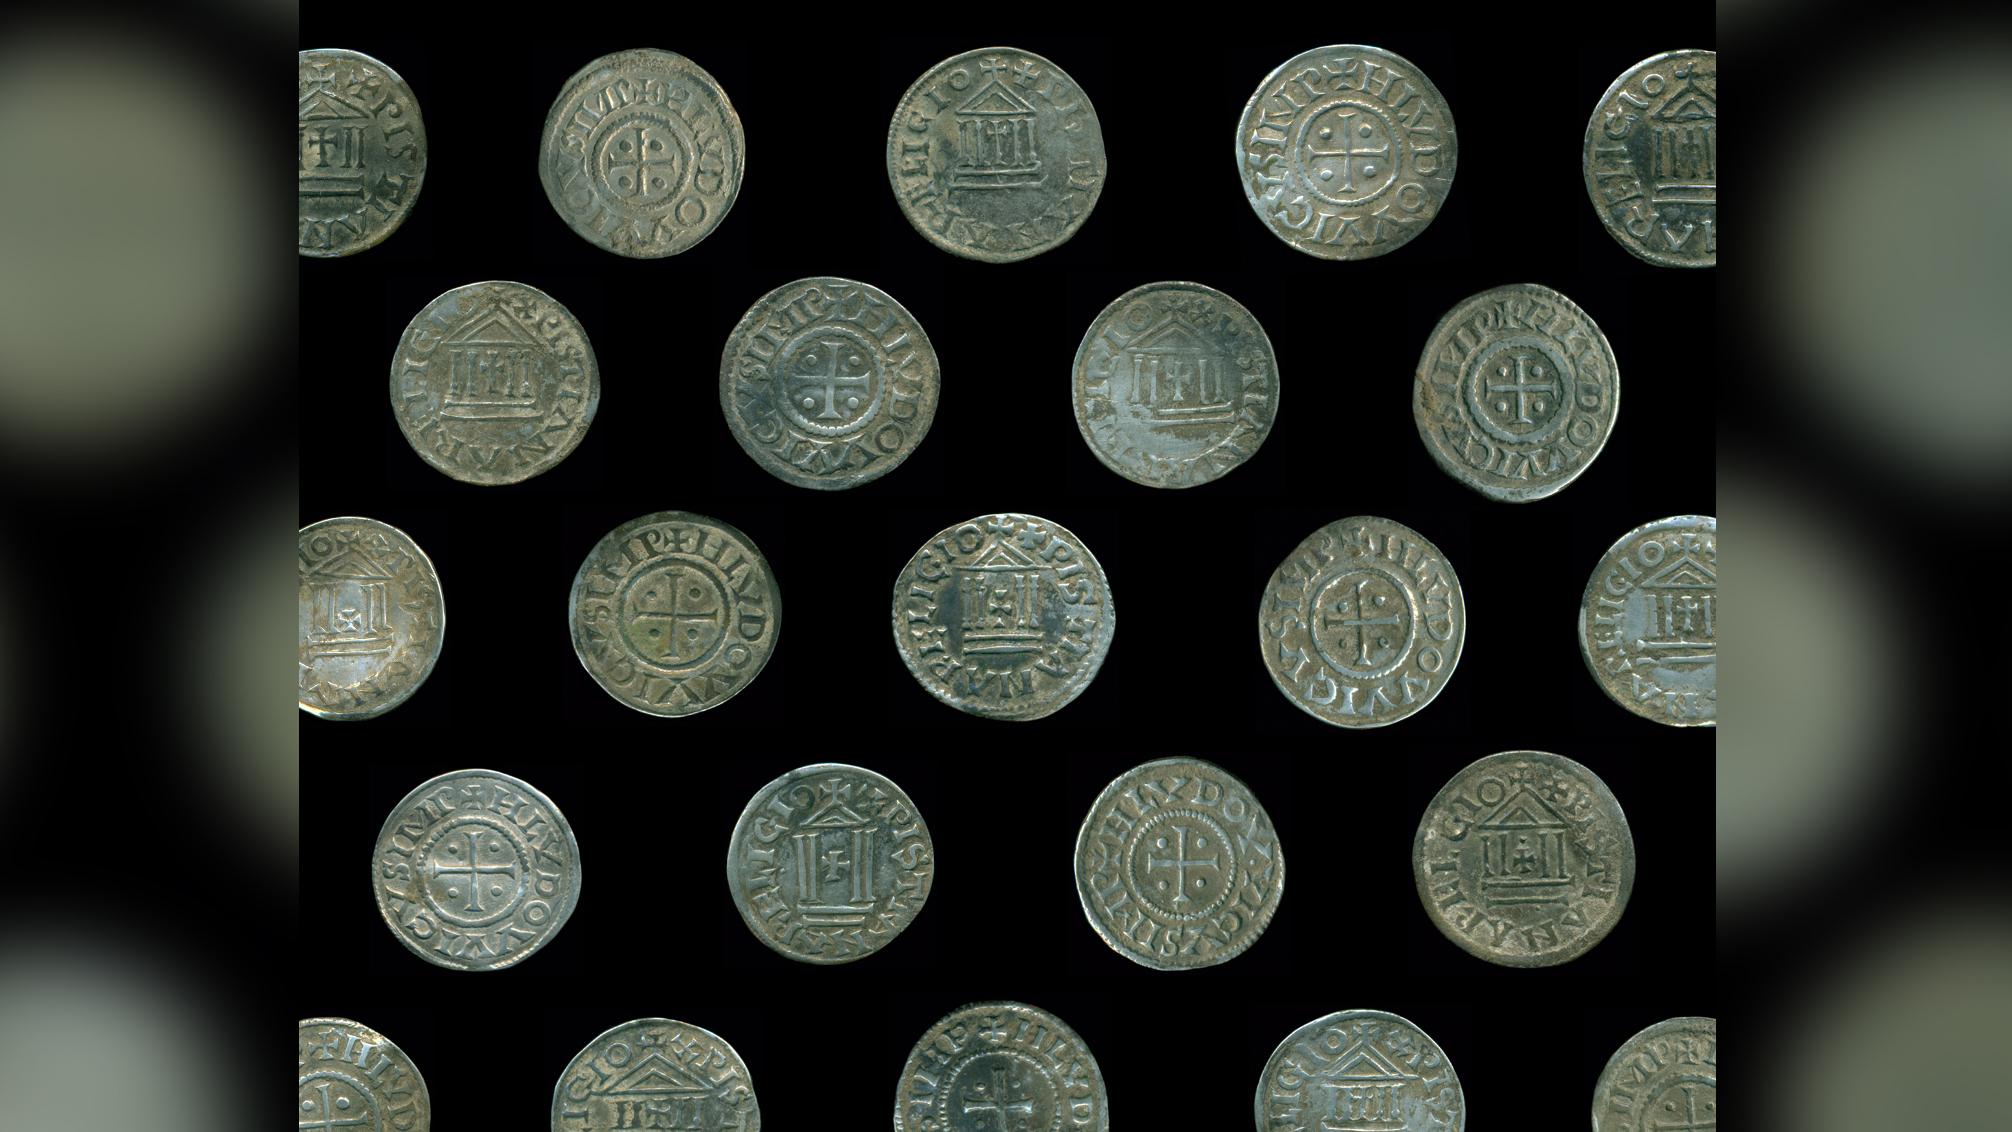 Seules trois pièces de ce type ont été trouvées auparavant en Pologne, bien au-delà des royaumes carolingiens.  Les archéologues soupçonnent qu'ils sont liés à l'empire commercial scandinave de Truso.